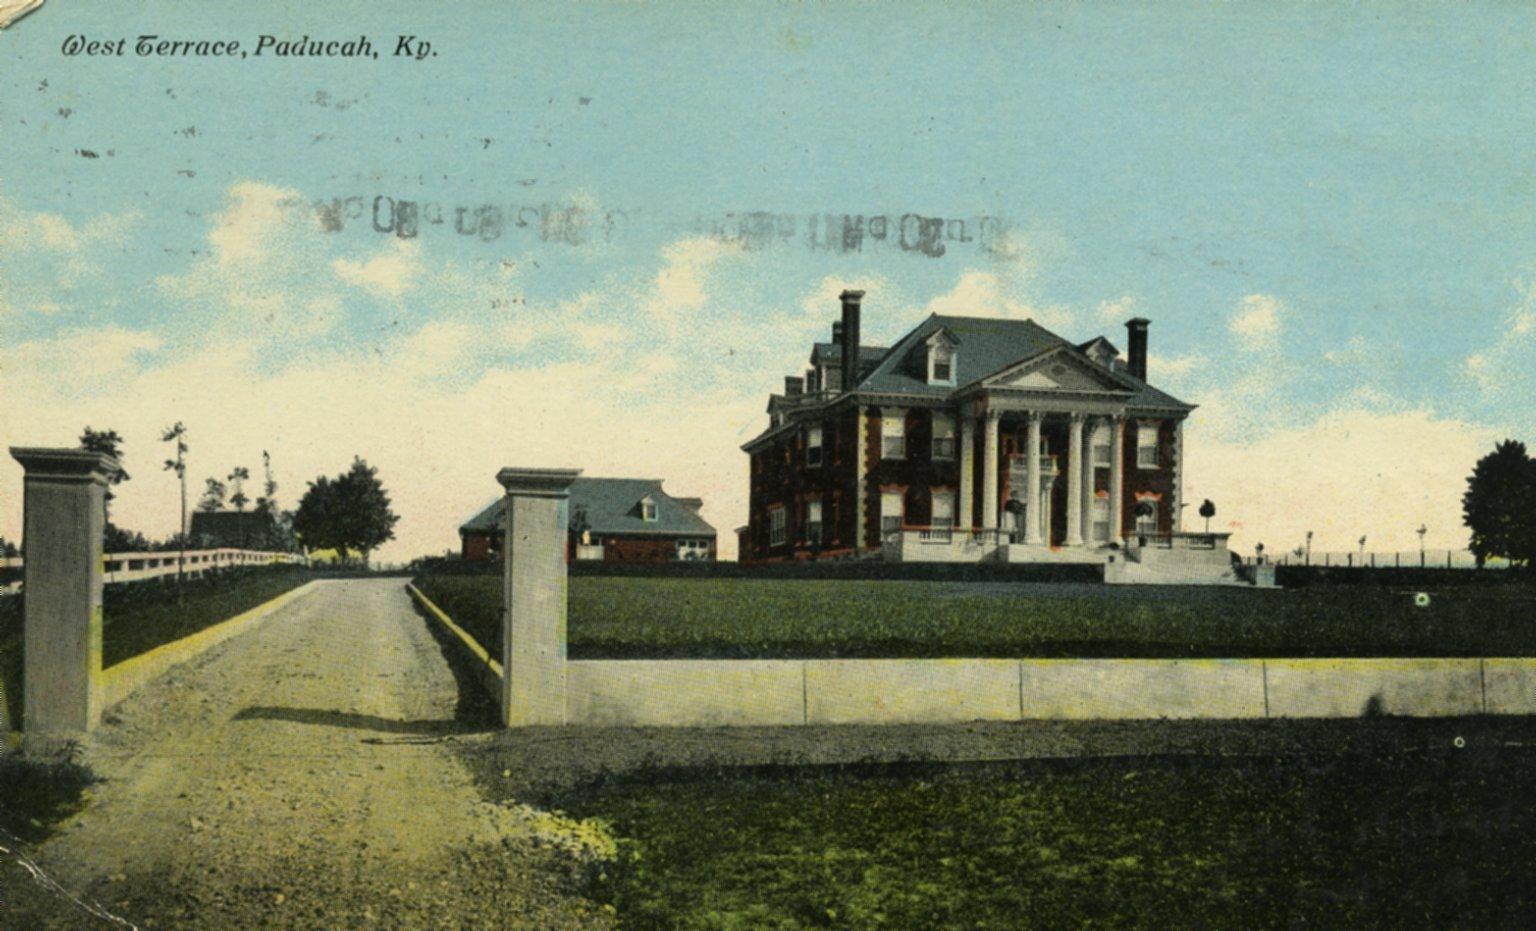 West Terrace, Paducah, KY